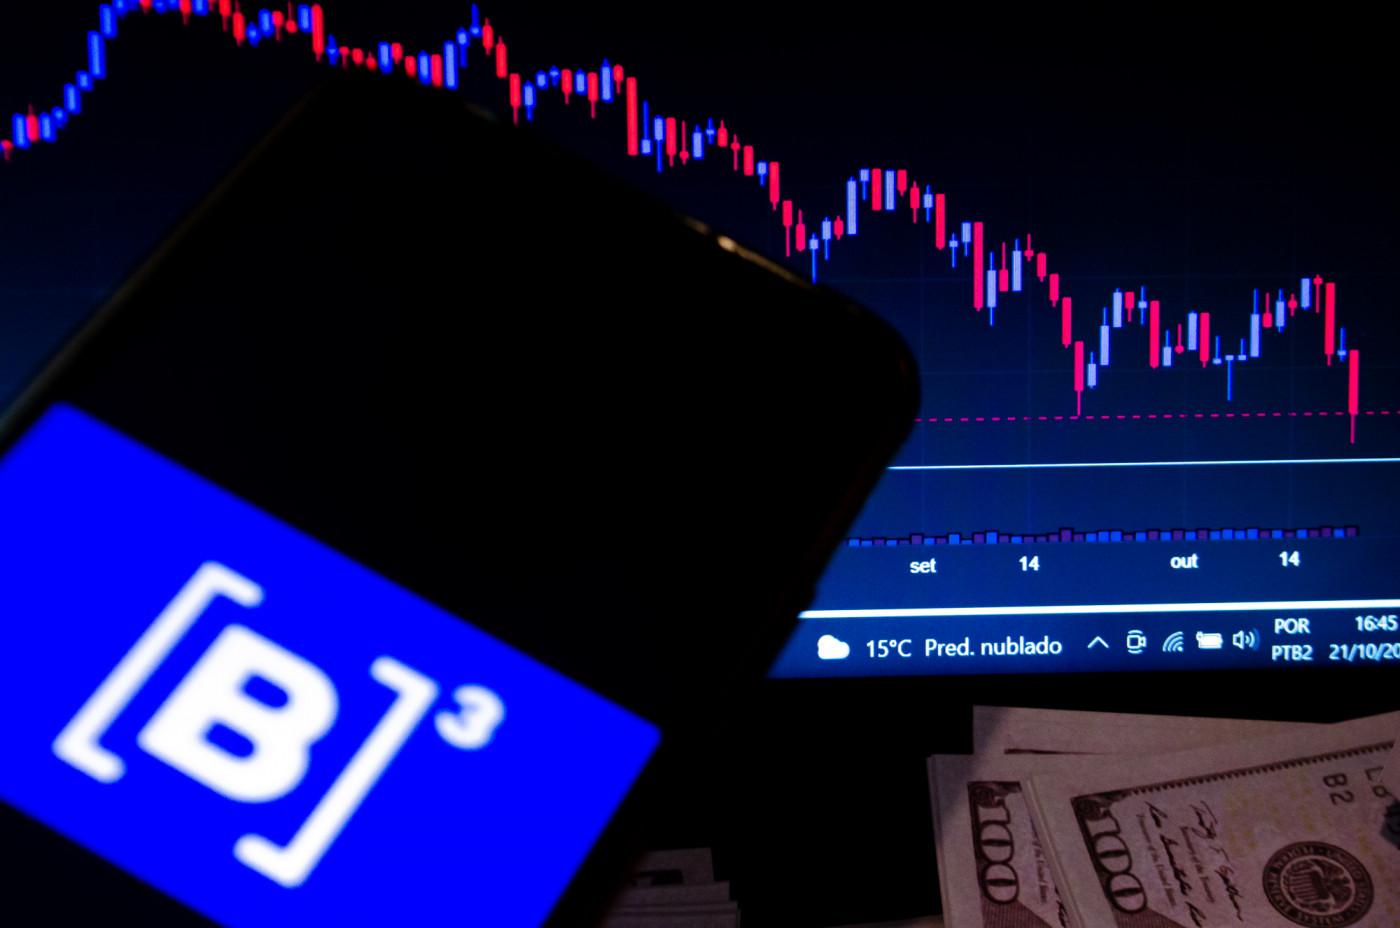 Celular com o logo da B3 na frente de um gráfico com a movimentação da Bolsa de Valores